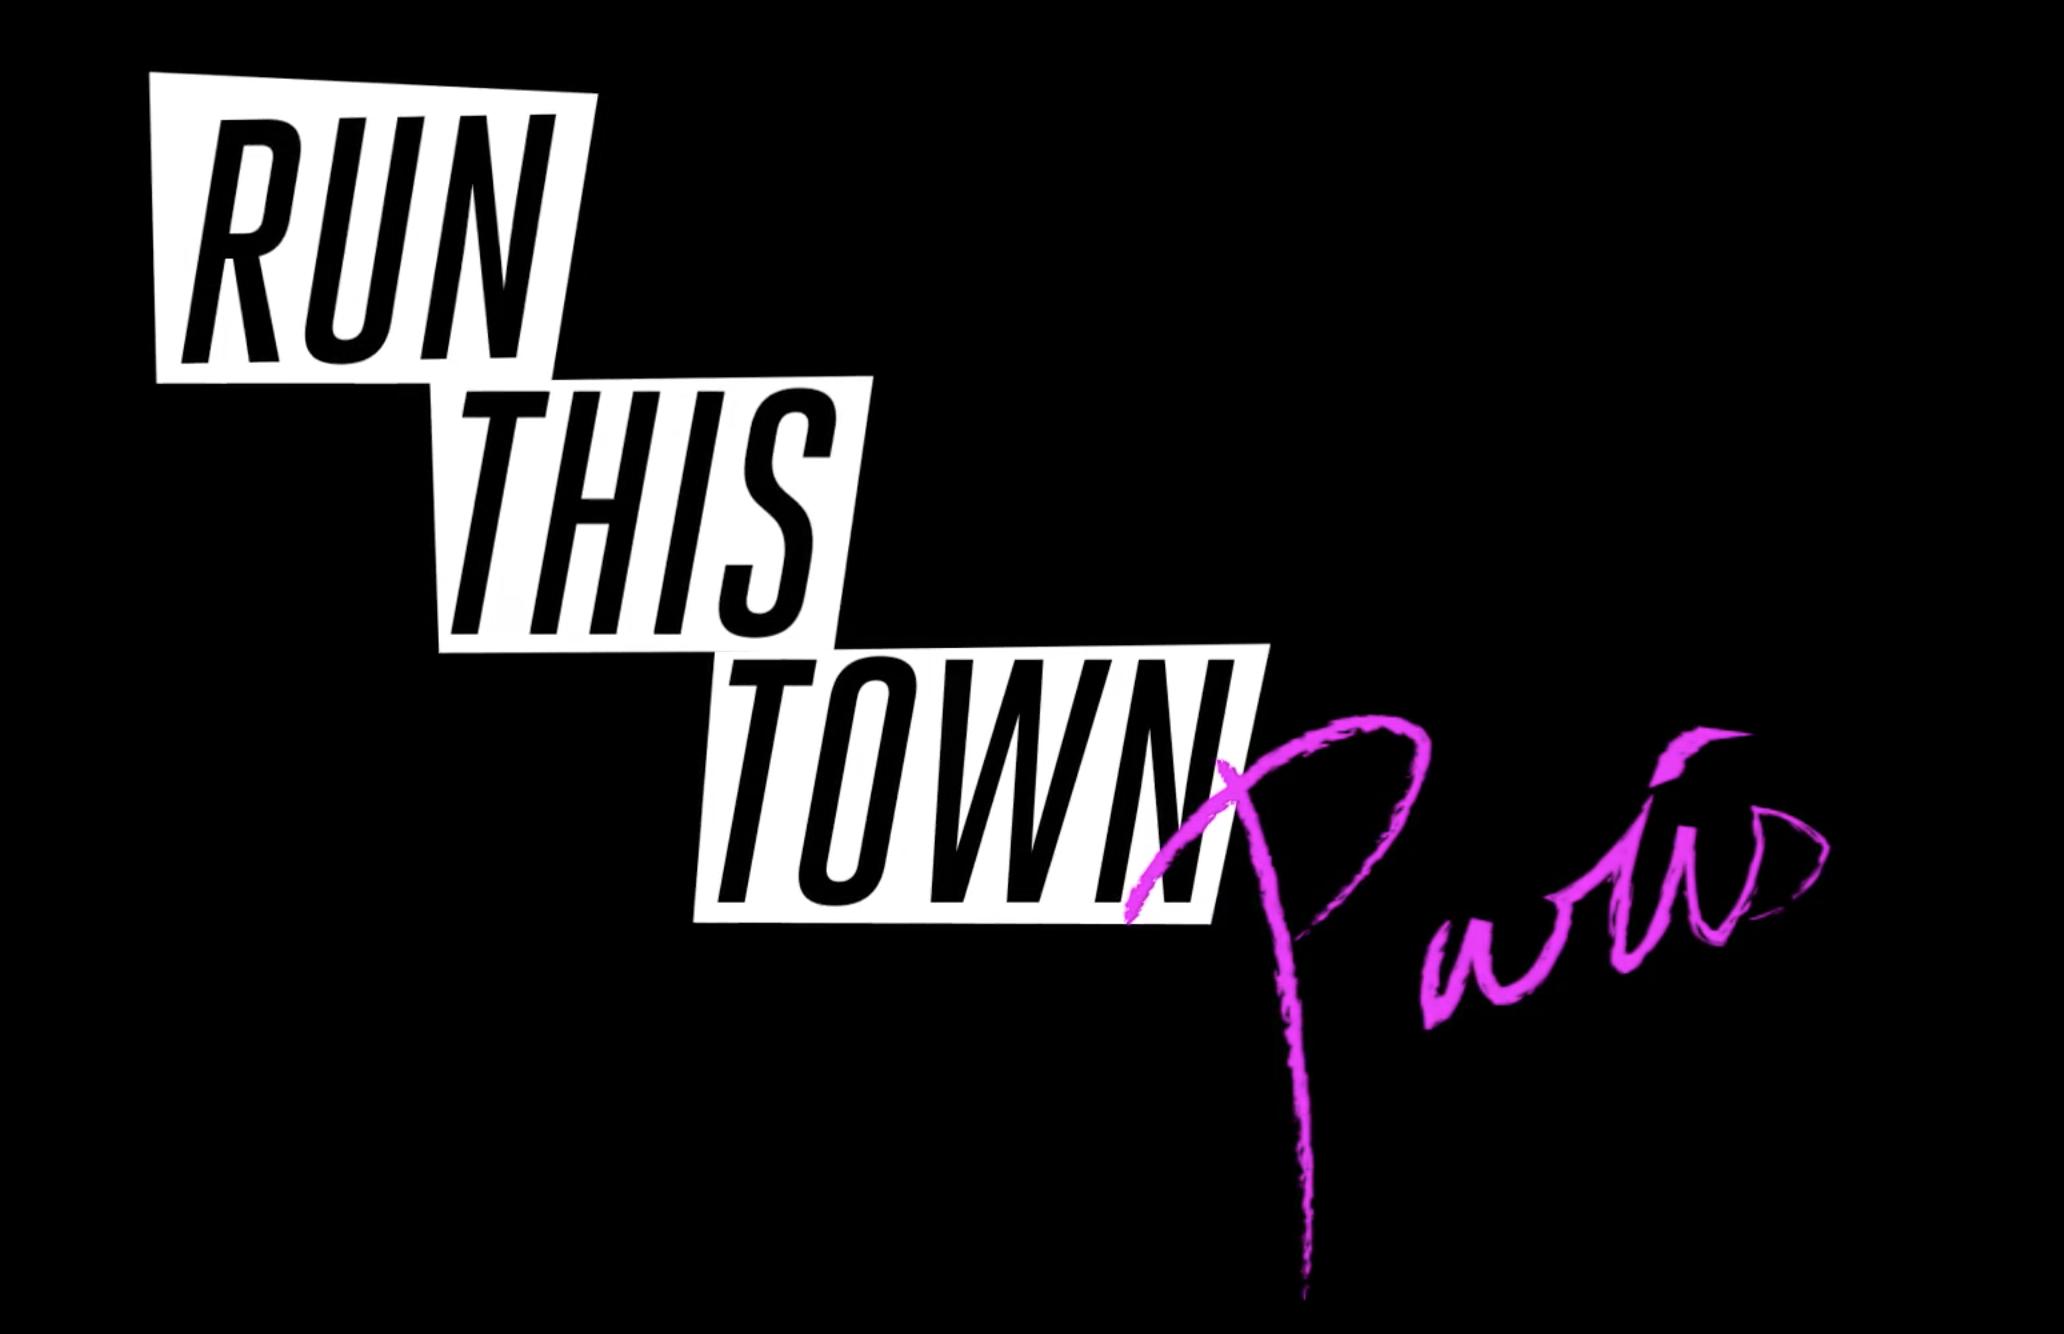 Run this town Paris - Self Magazine x Candy Rosie